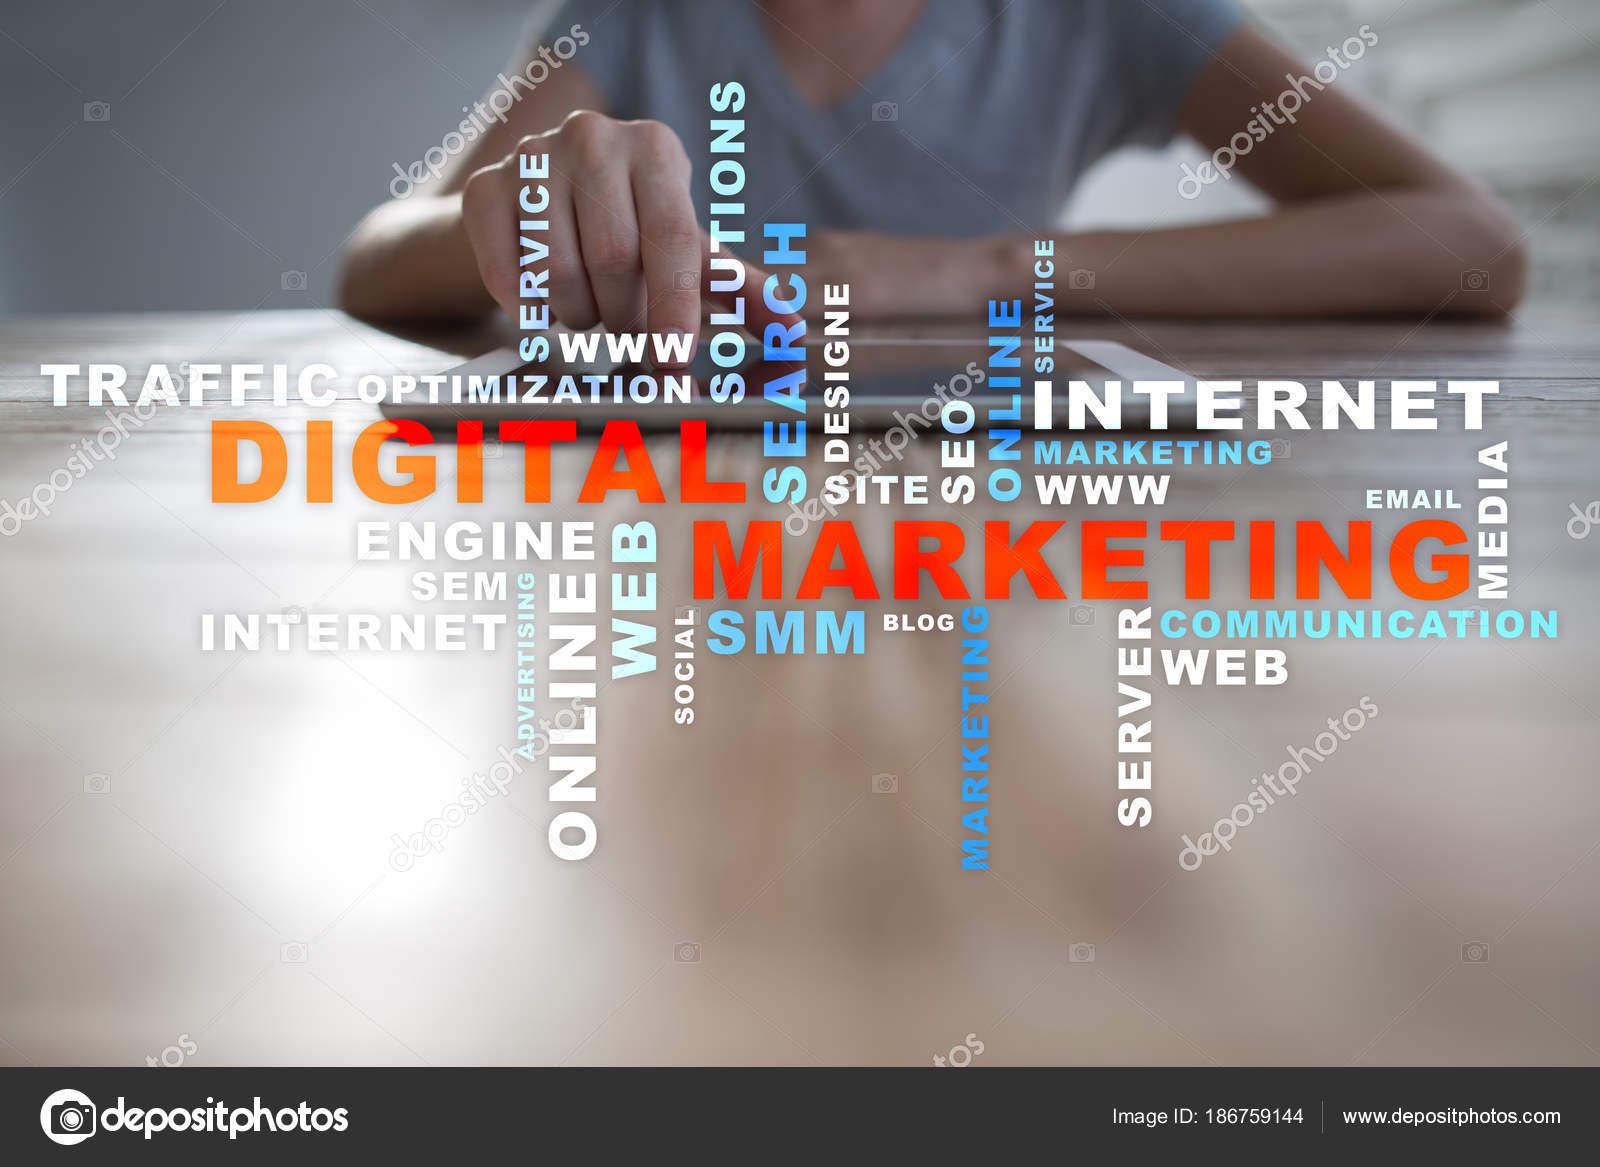 Поисковая оптимизация и интернет реклама как хорошо прорекламировать свой сайт